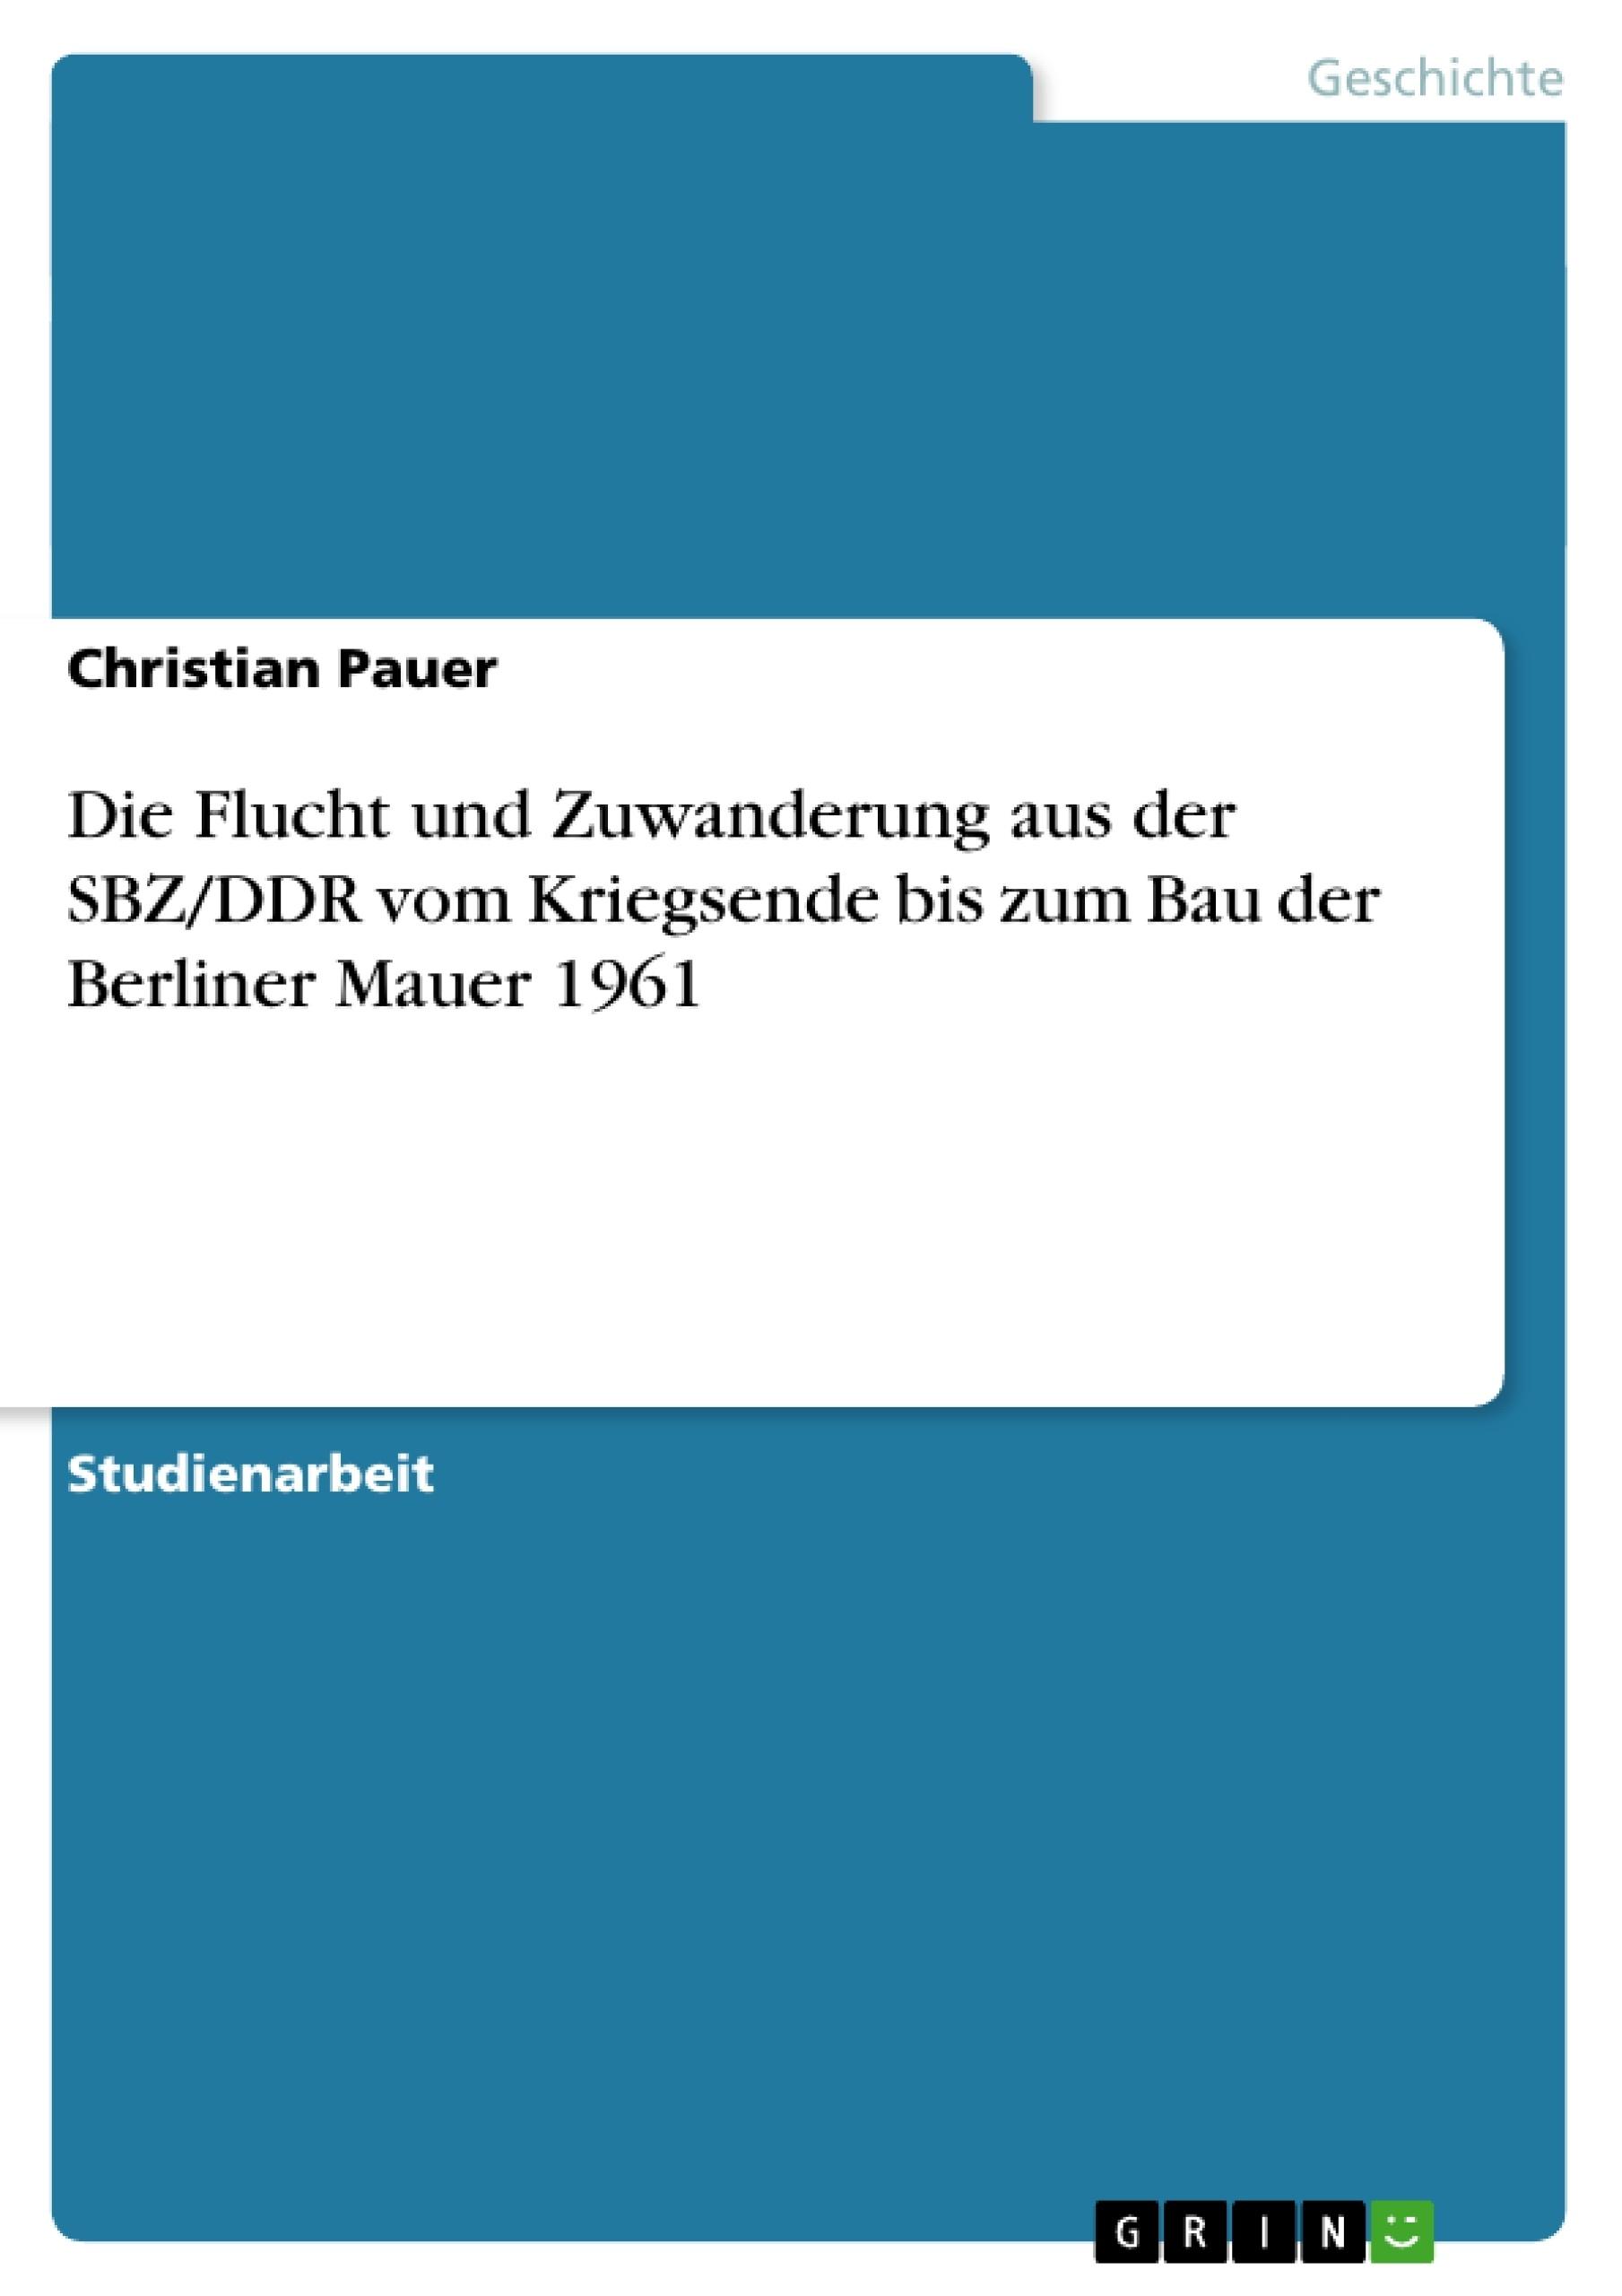 Titel: Die Flucht und Zuwanderung aus der SBZ/DDR vom Kriegsende bis zum Bau der Berliner Mauer 1961